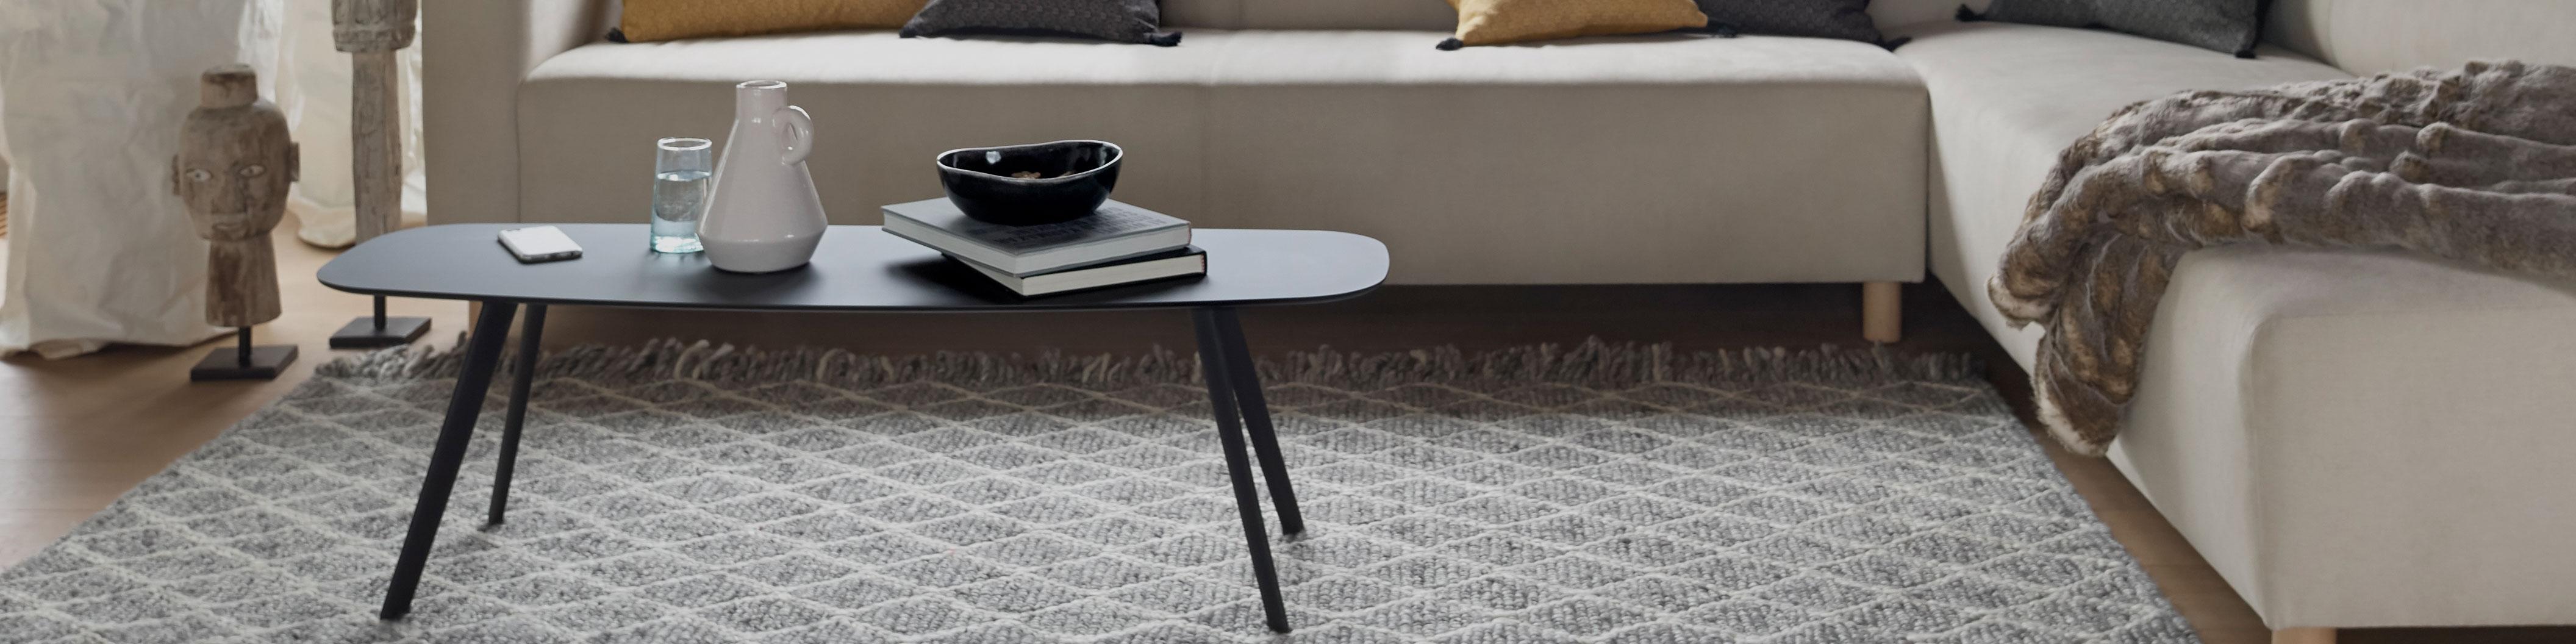 tapis gris tapis noir et blanc tapis graphique tapis gris clair ou fonce salon saint maclou